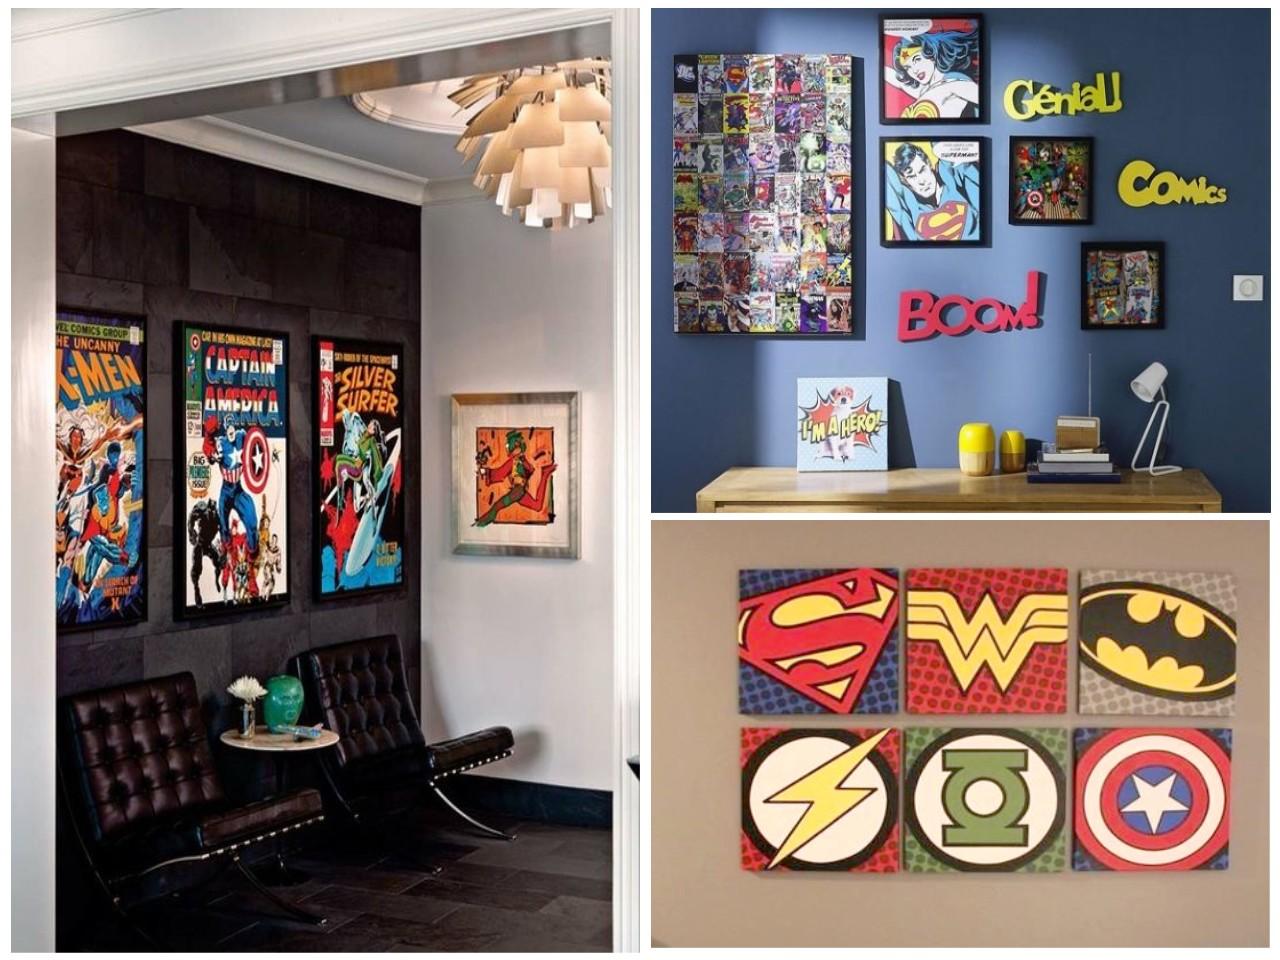 Inspiraci n c mic saca el h roe que hay en ti for Dormitorio super heroes